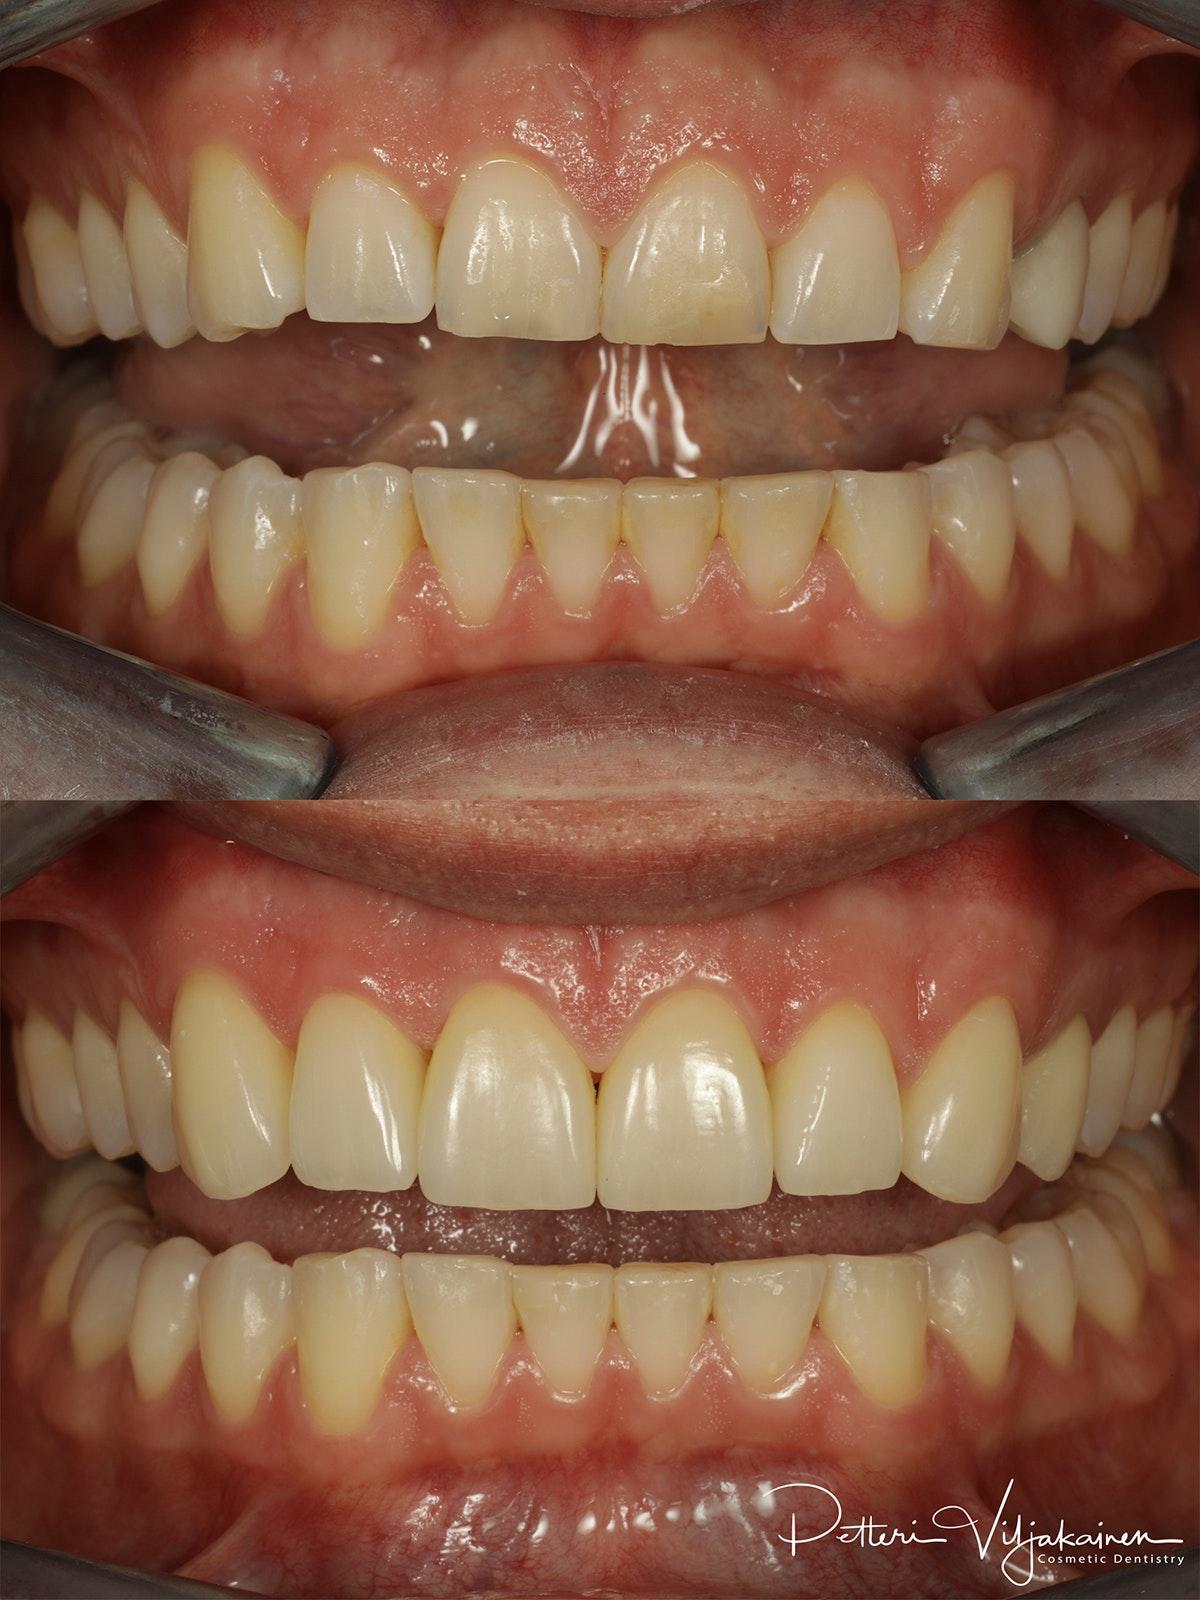 Esteettinen hammashoito ennen jälkeen. Keraamiset kuoret eli hammaslaminaatit reunimmaisissa yläetuhampaissa.